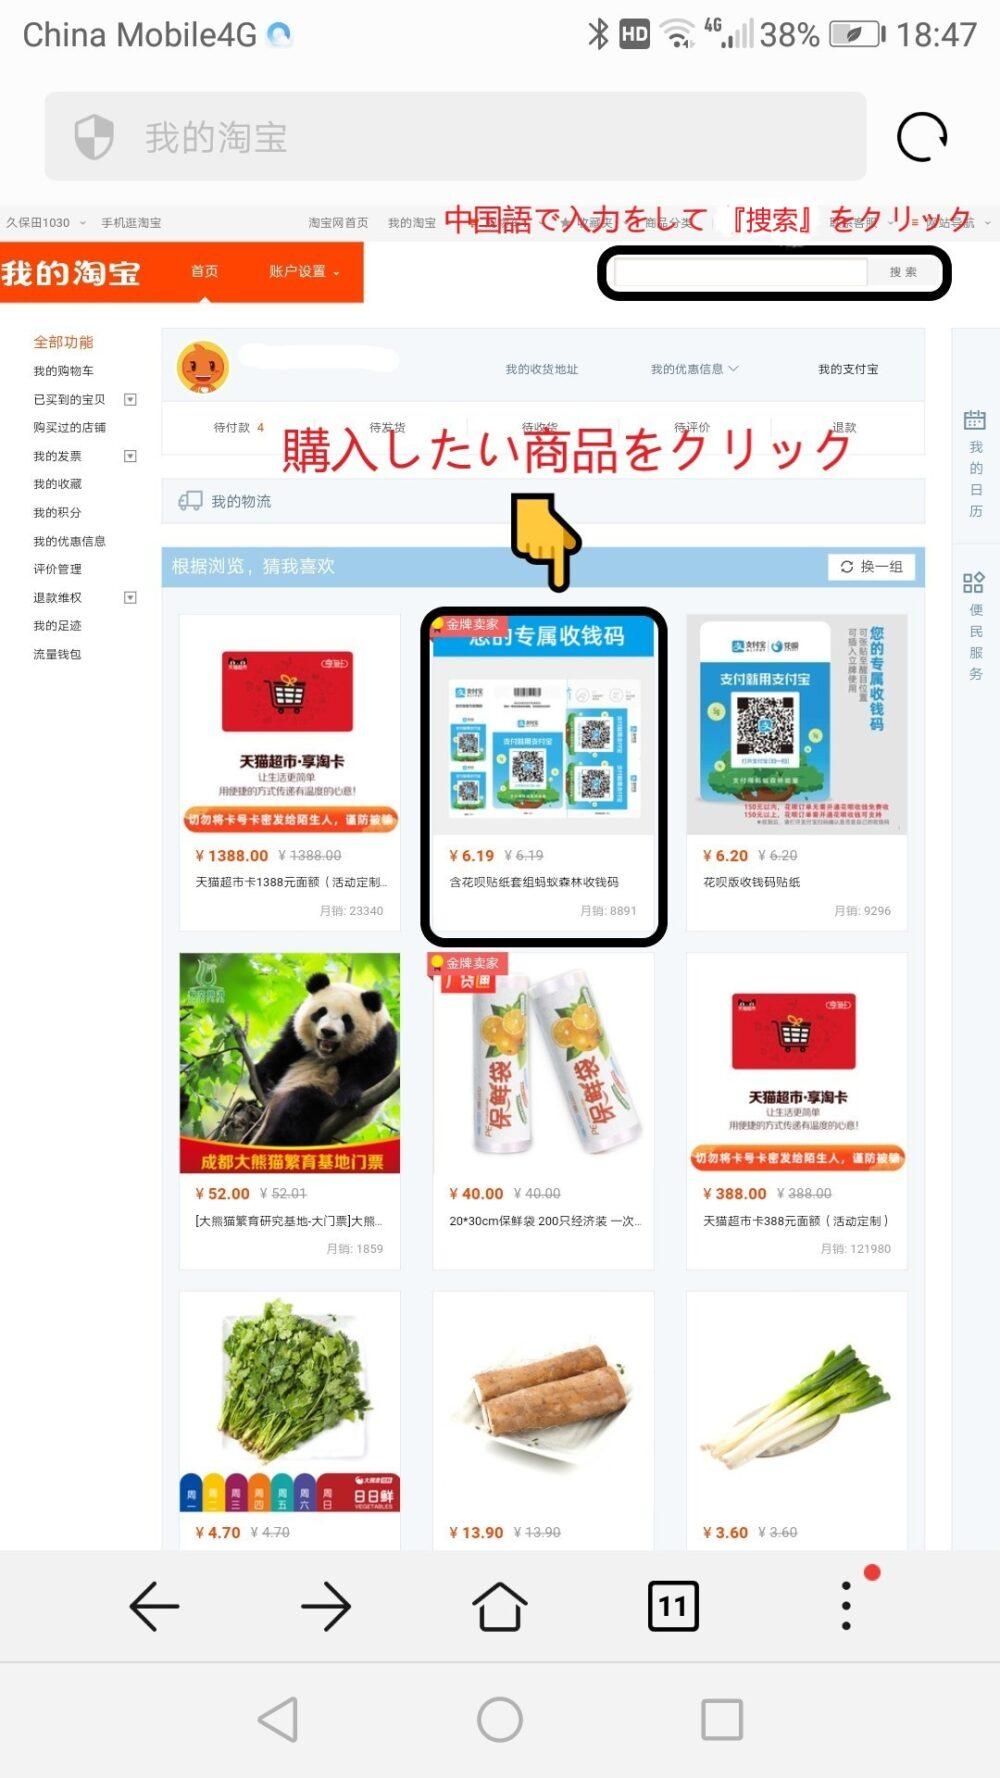 タオバオのサイトでトップ画面より購入したい商品を中国語で検索しているところをスクリーンショットした画像